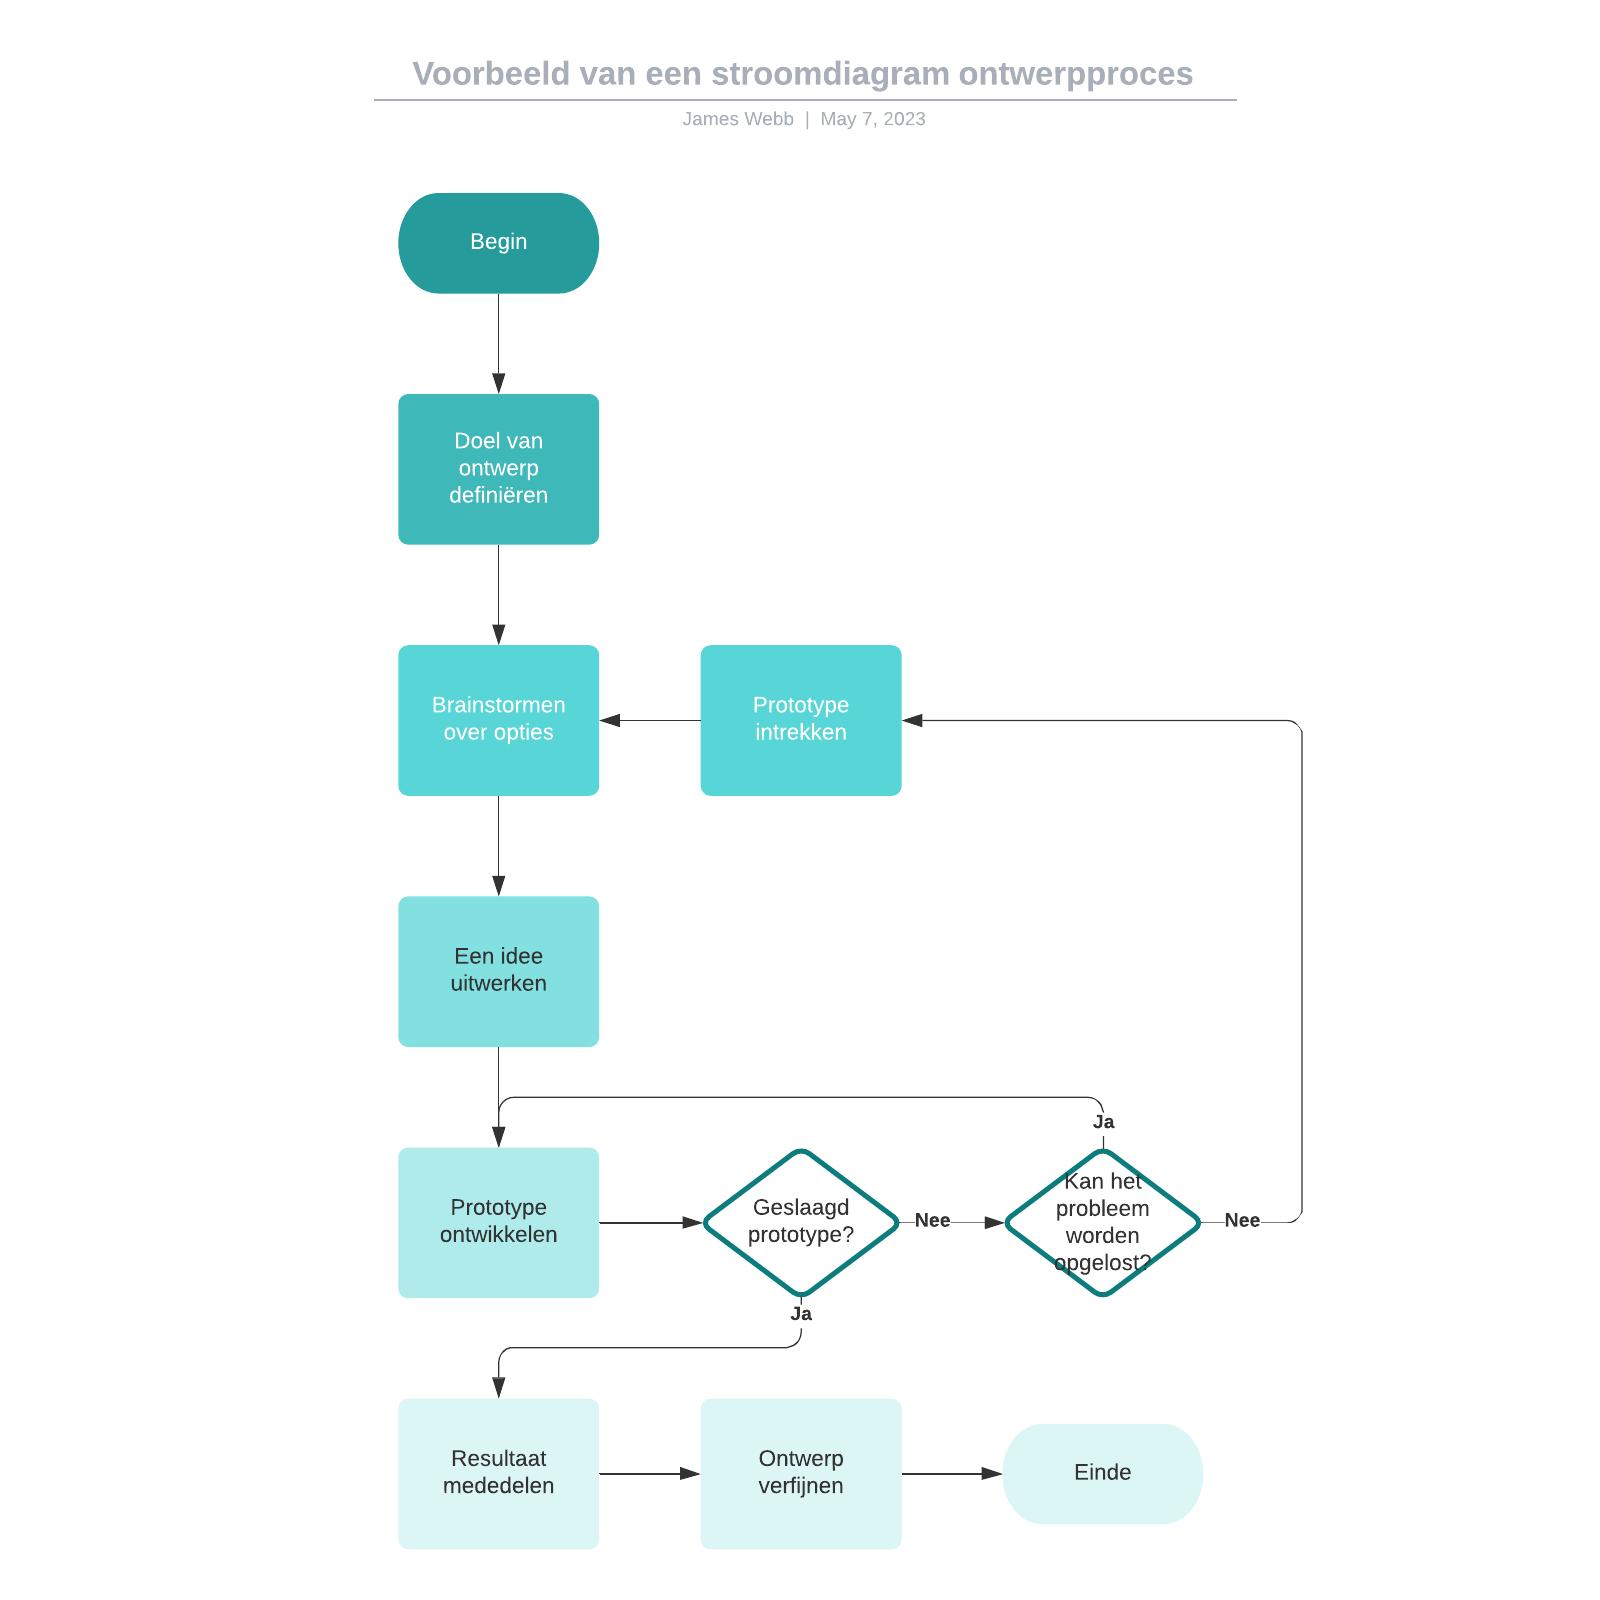 Voorbeeld van een stroomdiagram ontwerpproces